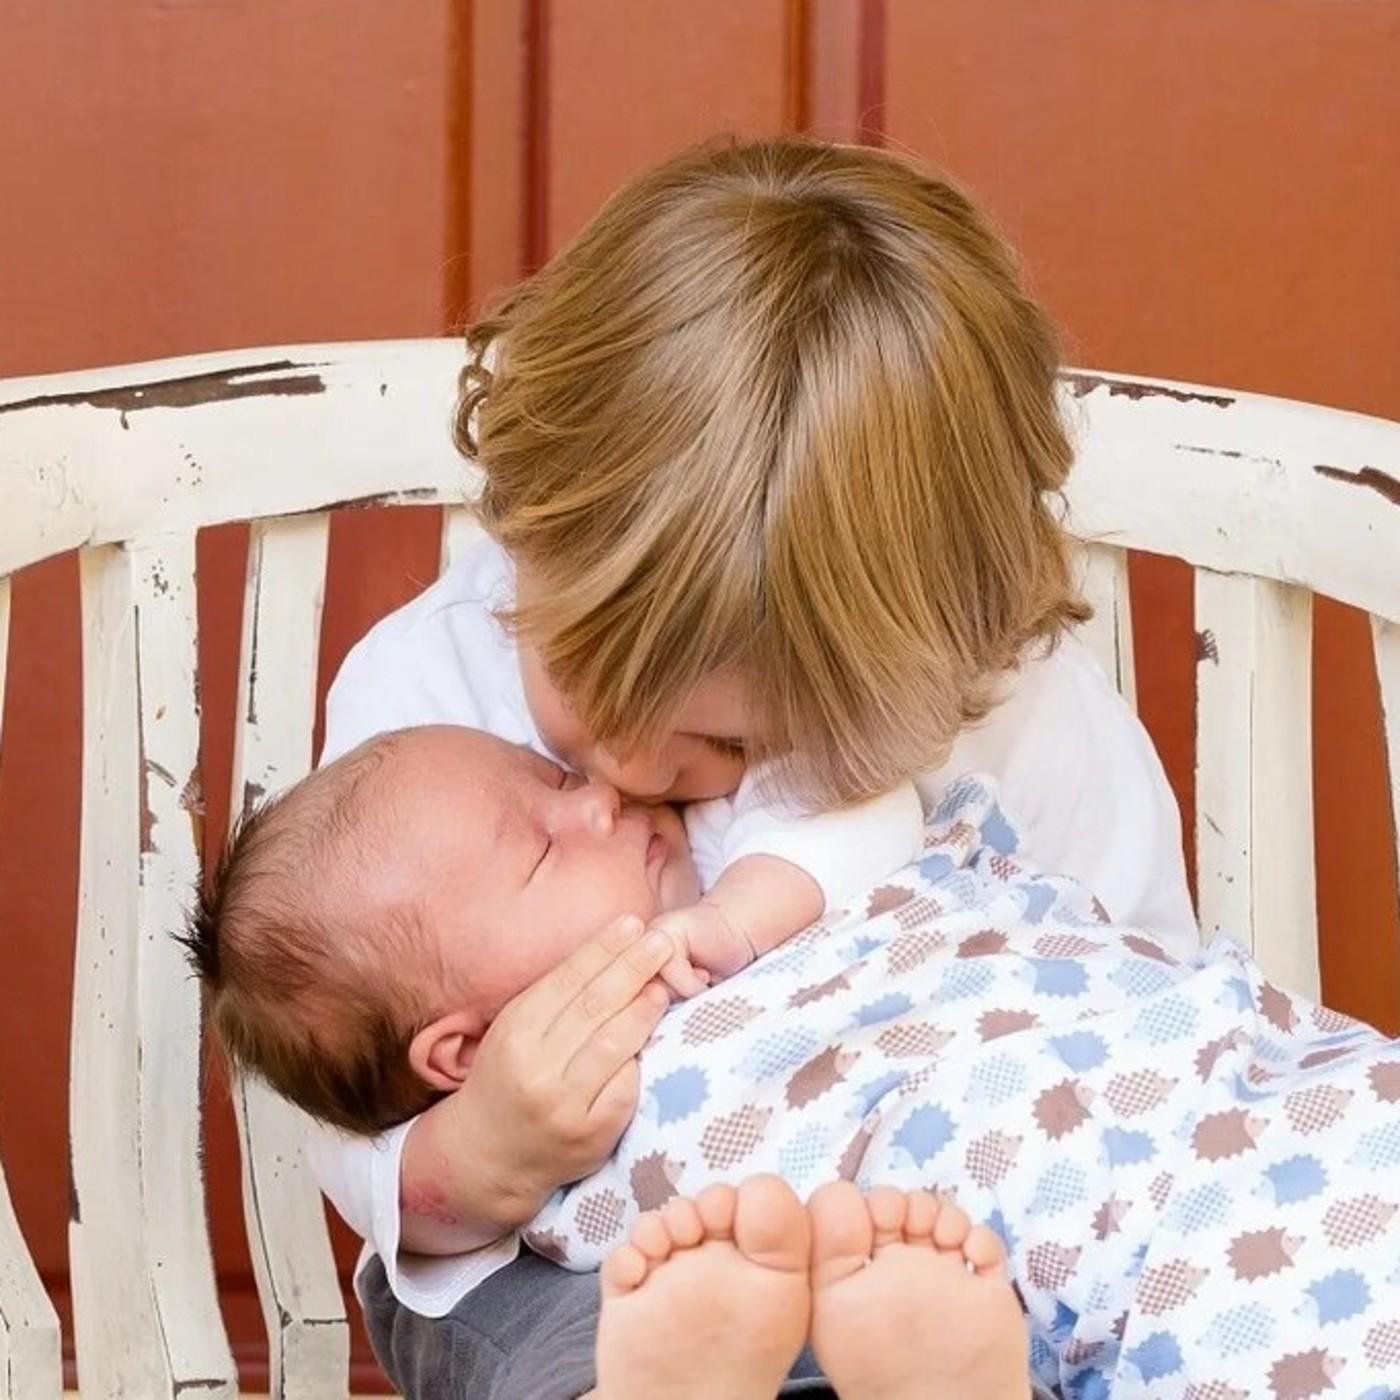 E 29 ¿Cómo preparamos la llegada de un hermano a la familia? en La canastilla de mamá